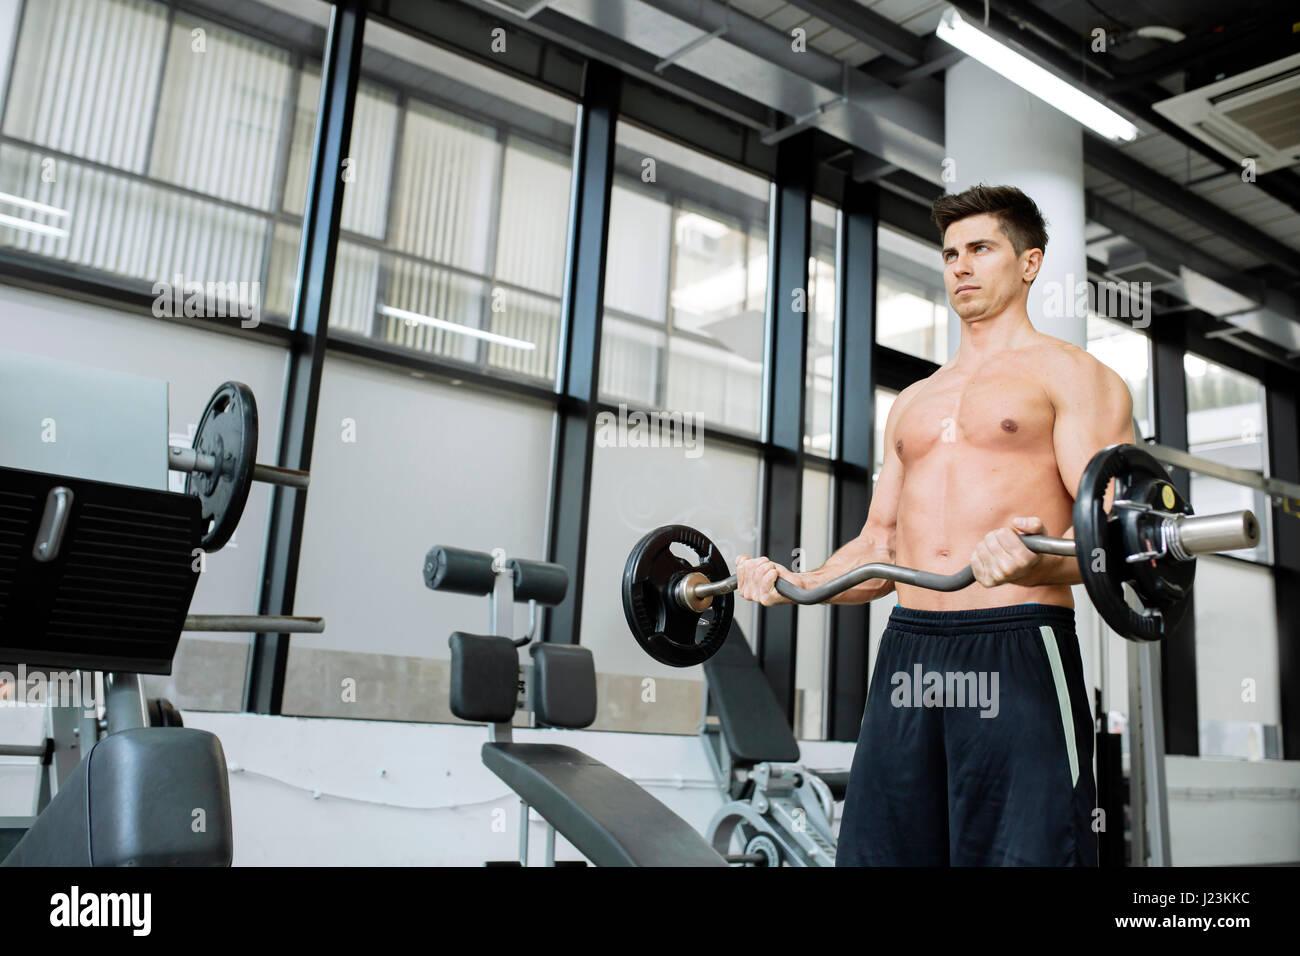 Uomo muscolare bodybuilding in palestra, sollevamento pesi Immagini Stock